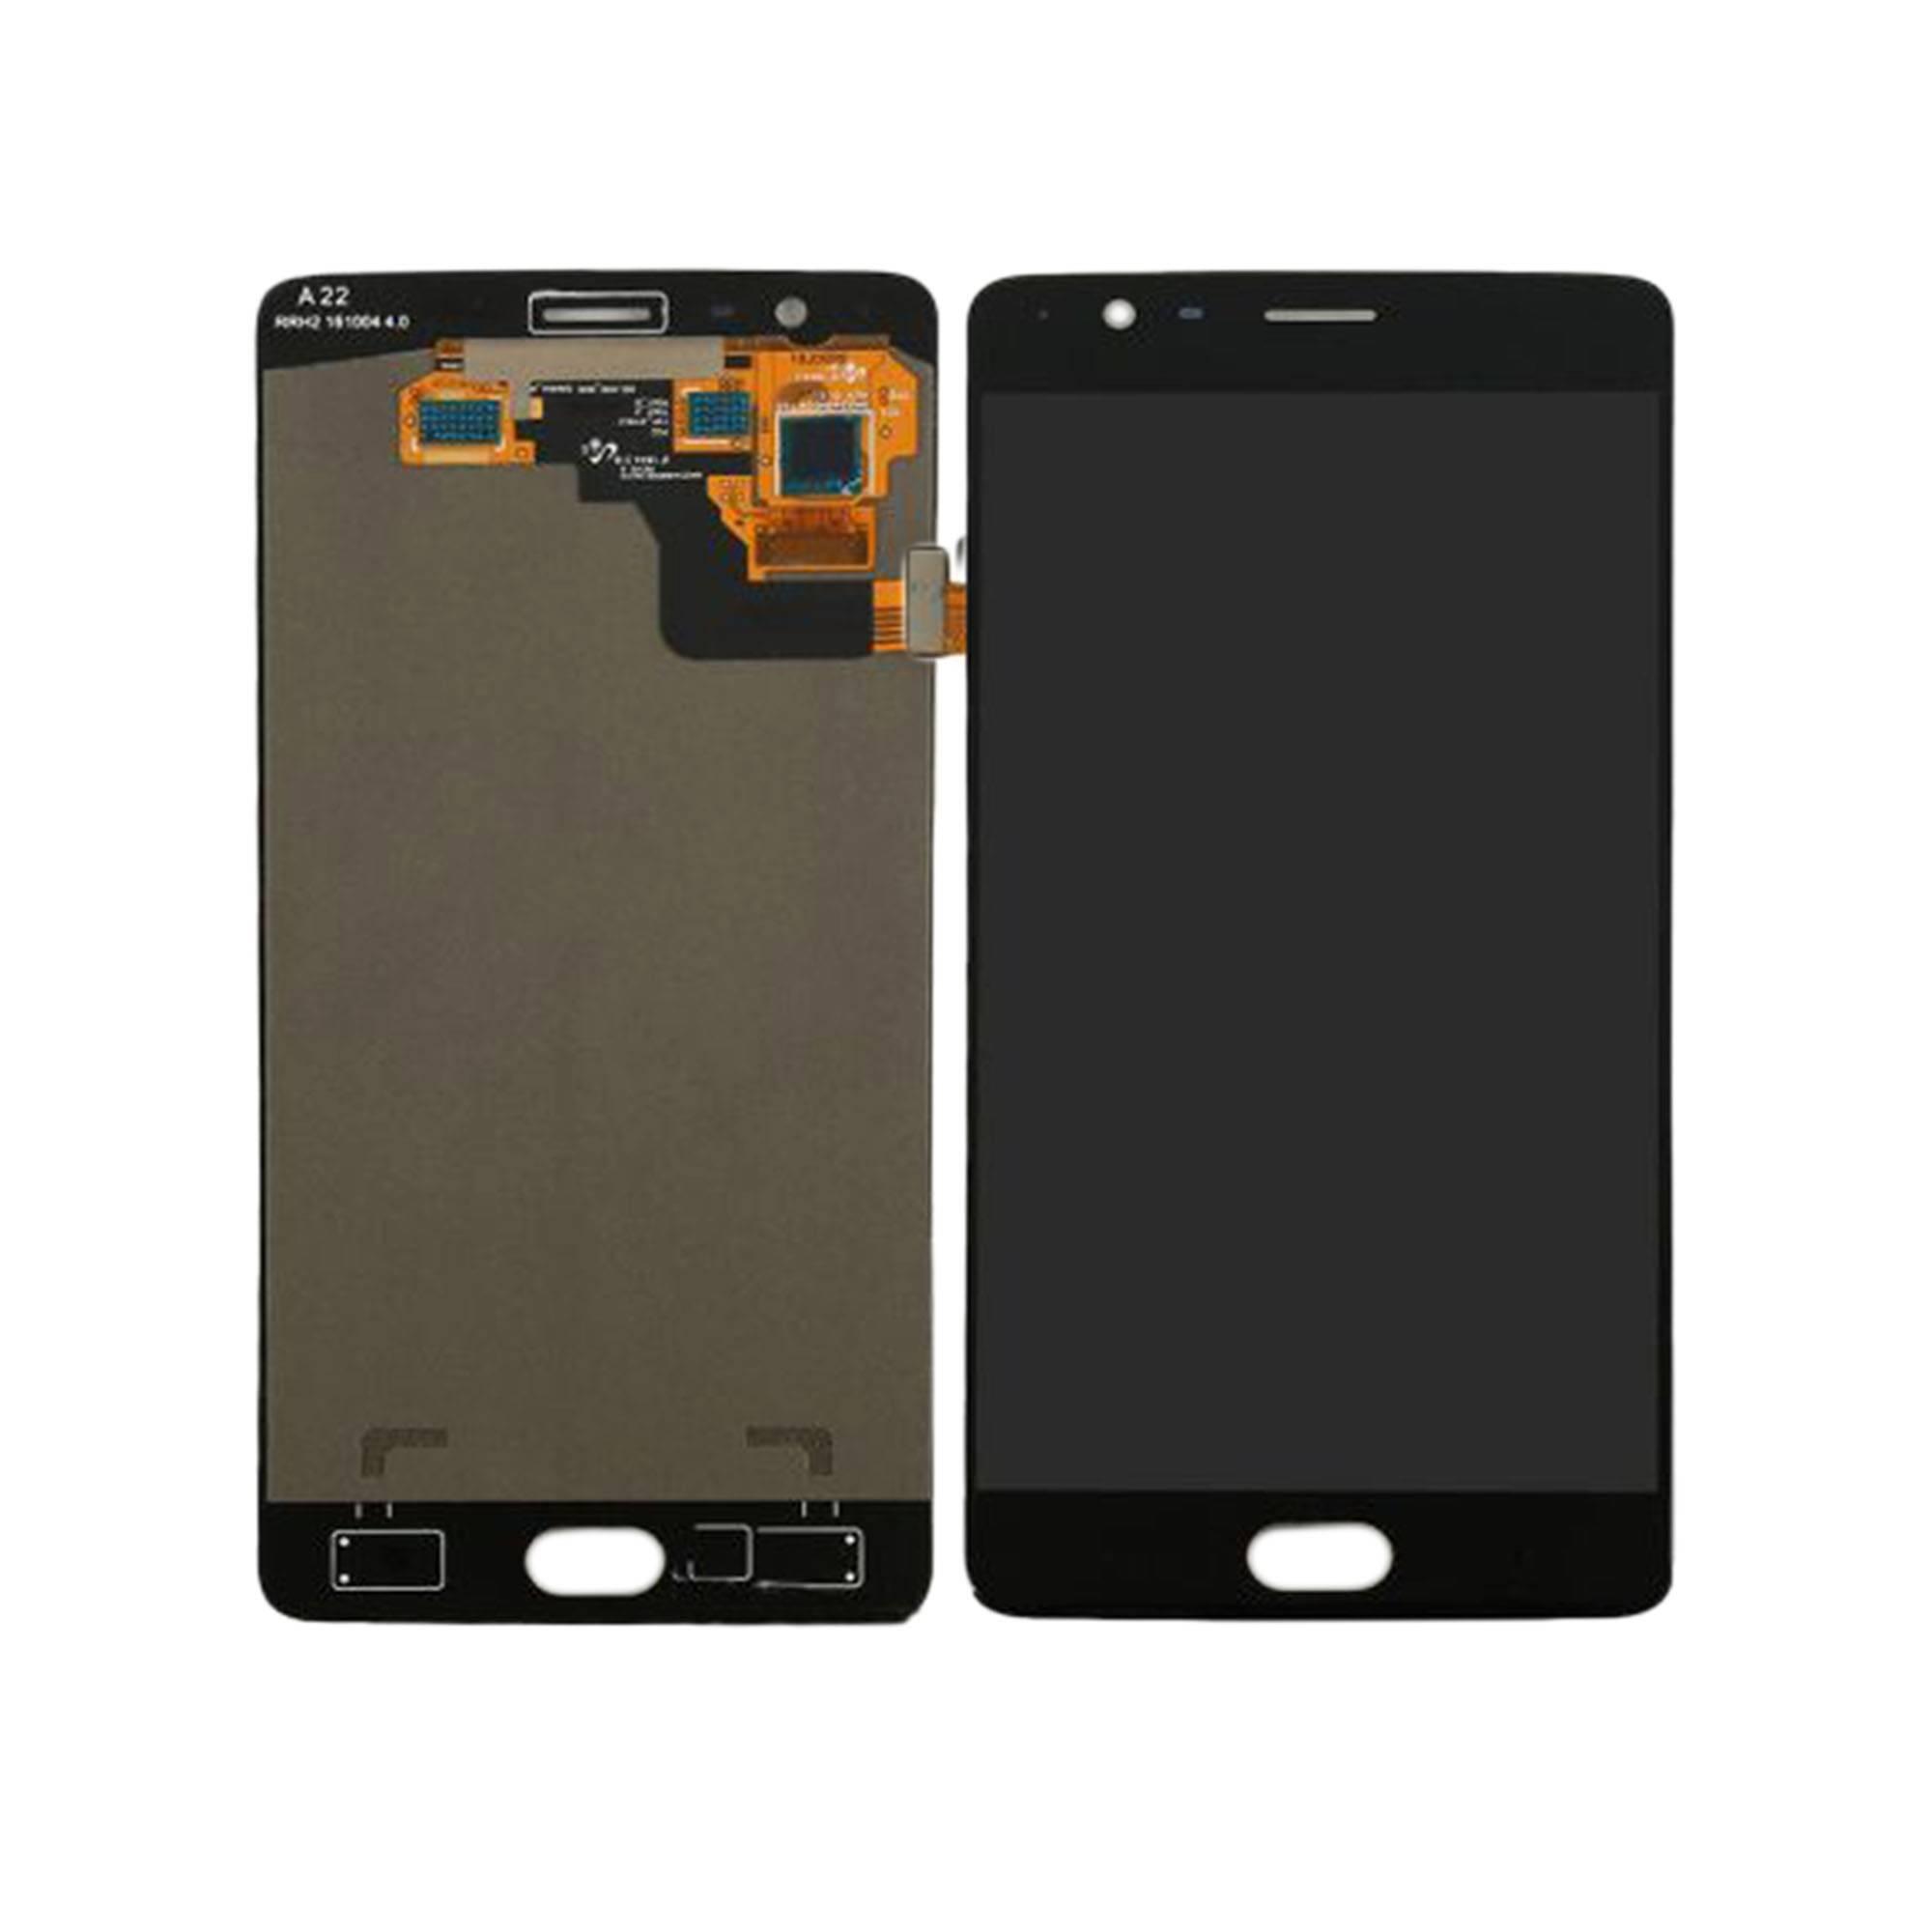 ЗАПЧАСТИ ДЛЯ СОТОВЫХ :: ЗАПЧАСТИ ДЛЯ ONEPLUS :: ДИСПЛЕЙ :: Дисплей OnePlus 3/3T в рамке+тачскрин (черный)